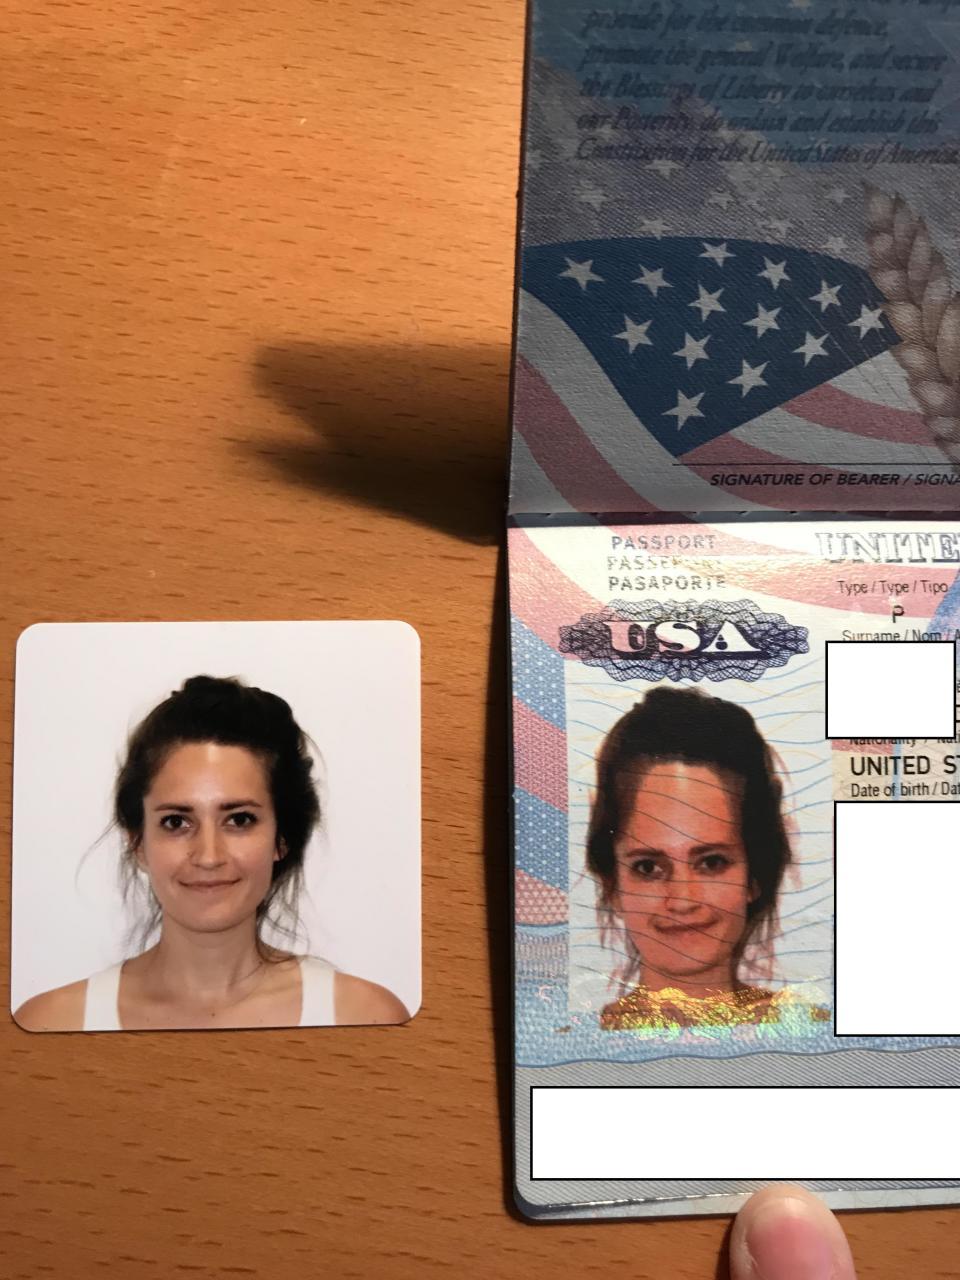 Девушка сделала самую отвратительную фотографию на паспорт! Ох как же я ей не завидую…